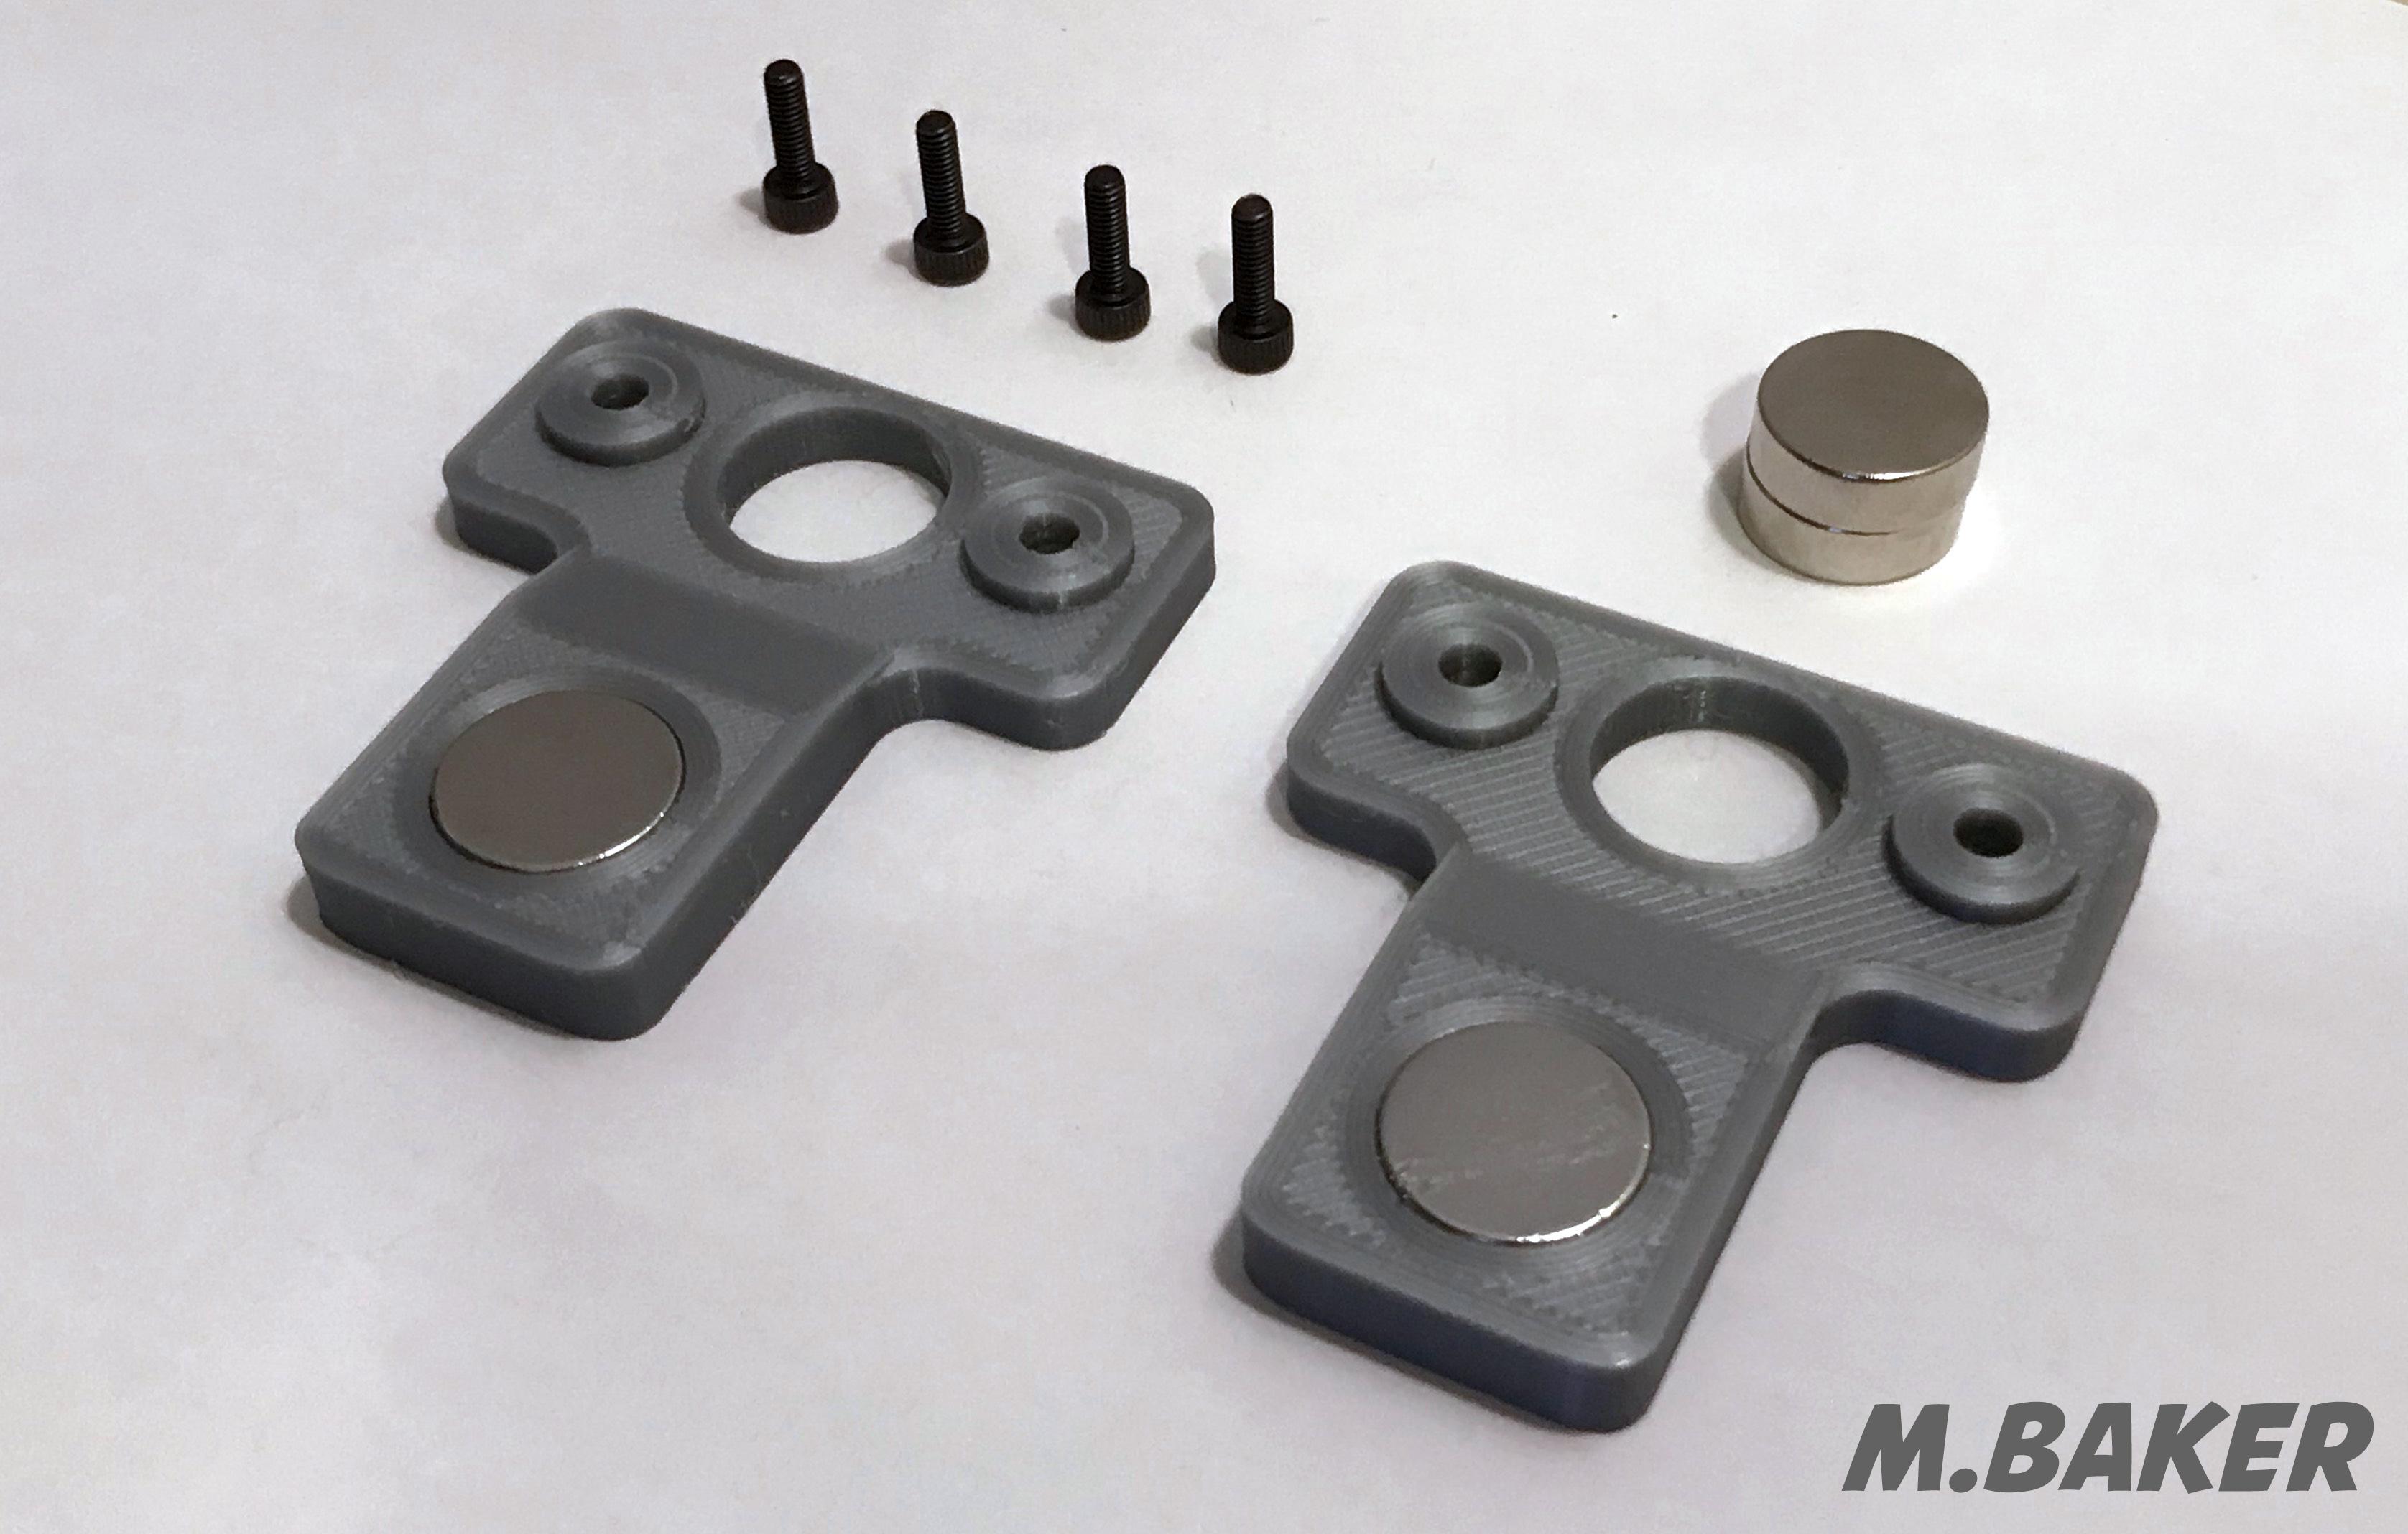 FS : Magnetic Shifter Set For Fanatec Wheel - Sim Gear - Buy